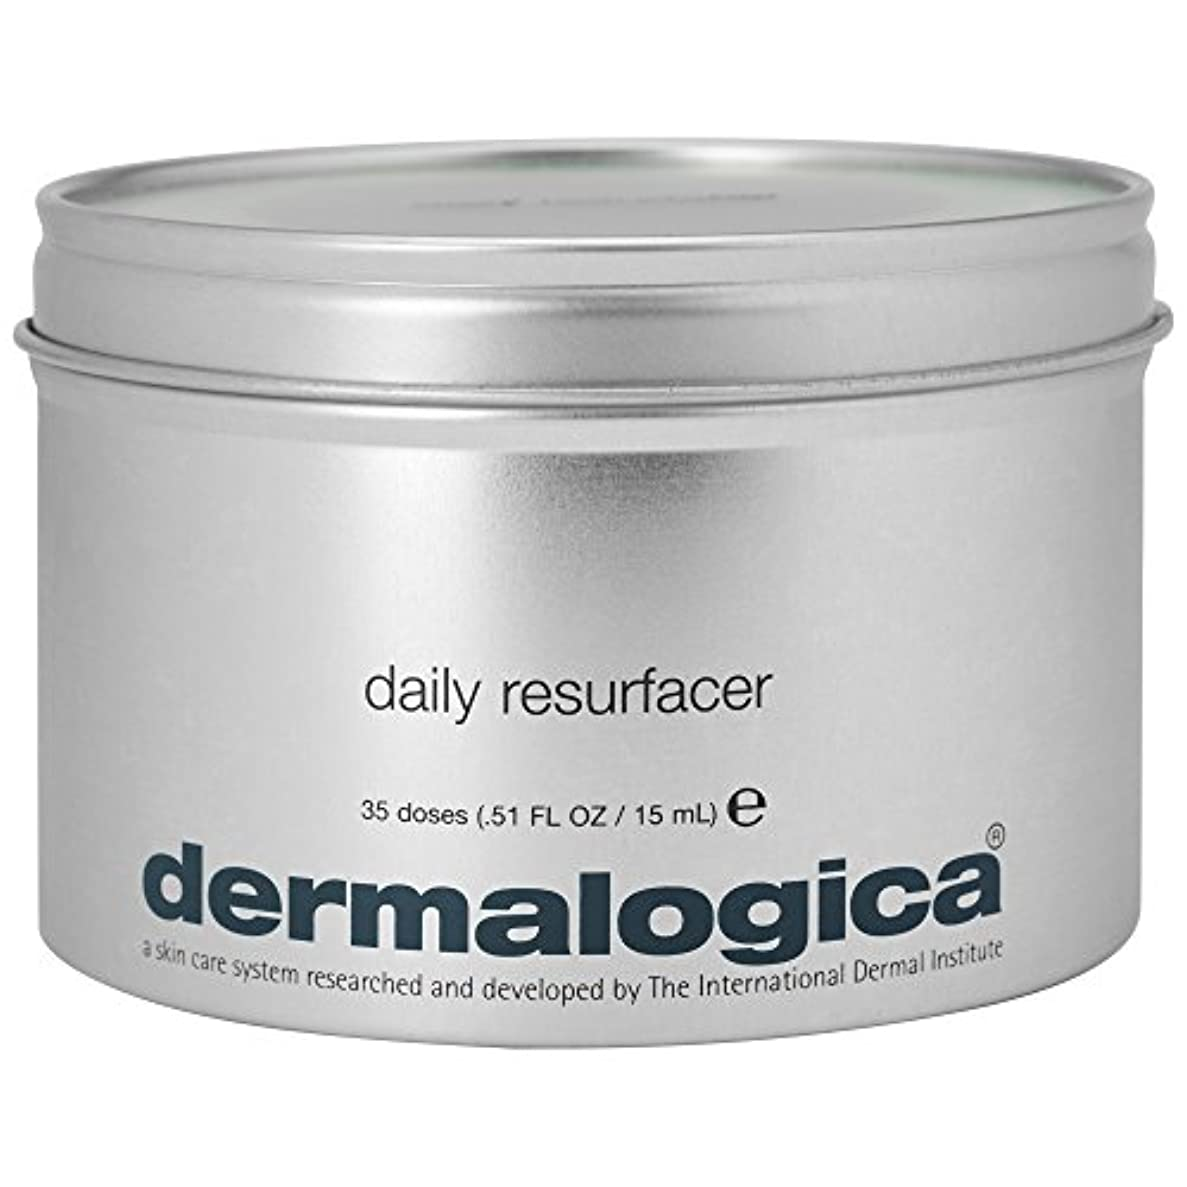 35のダーマロジカ毎日Resurfacerパック (Dermalogica) (x2) - Dermalogica Daily Resurfacer Pack of 35 (Pack of 2) [並行輸入品]